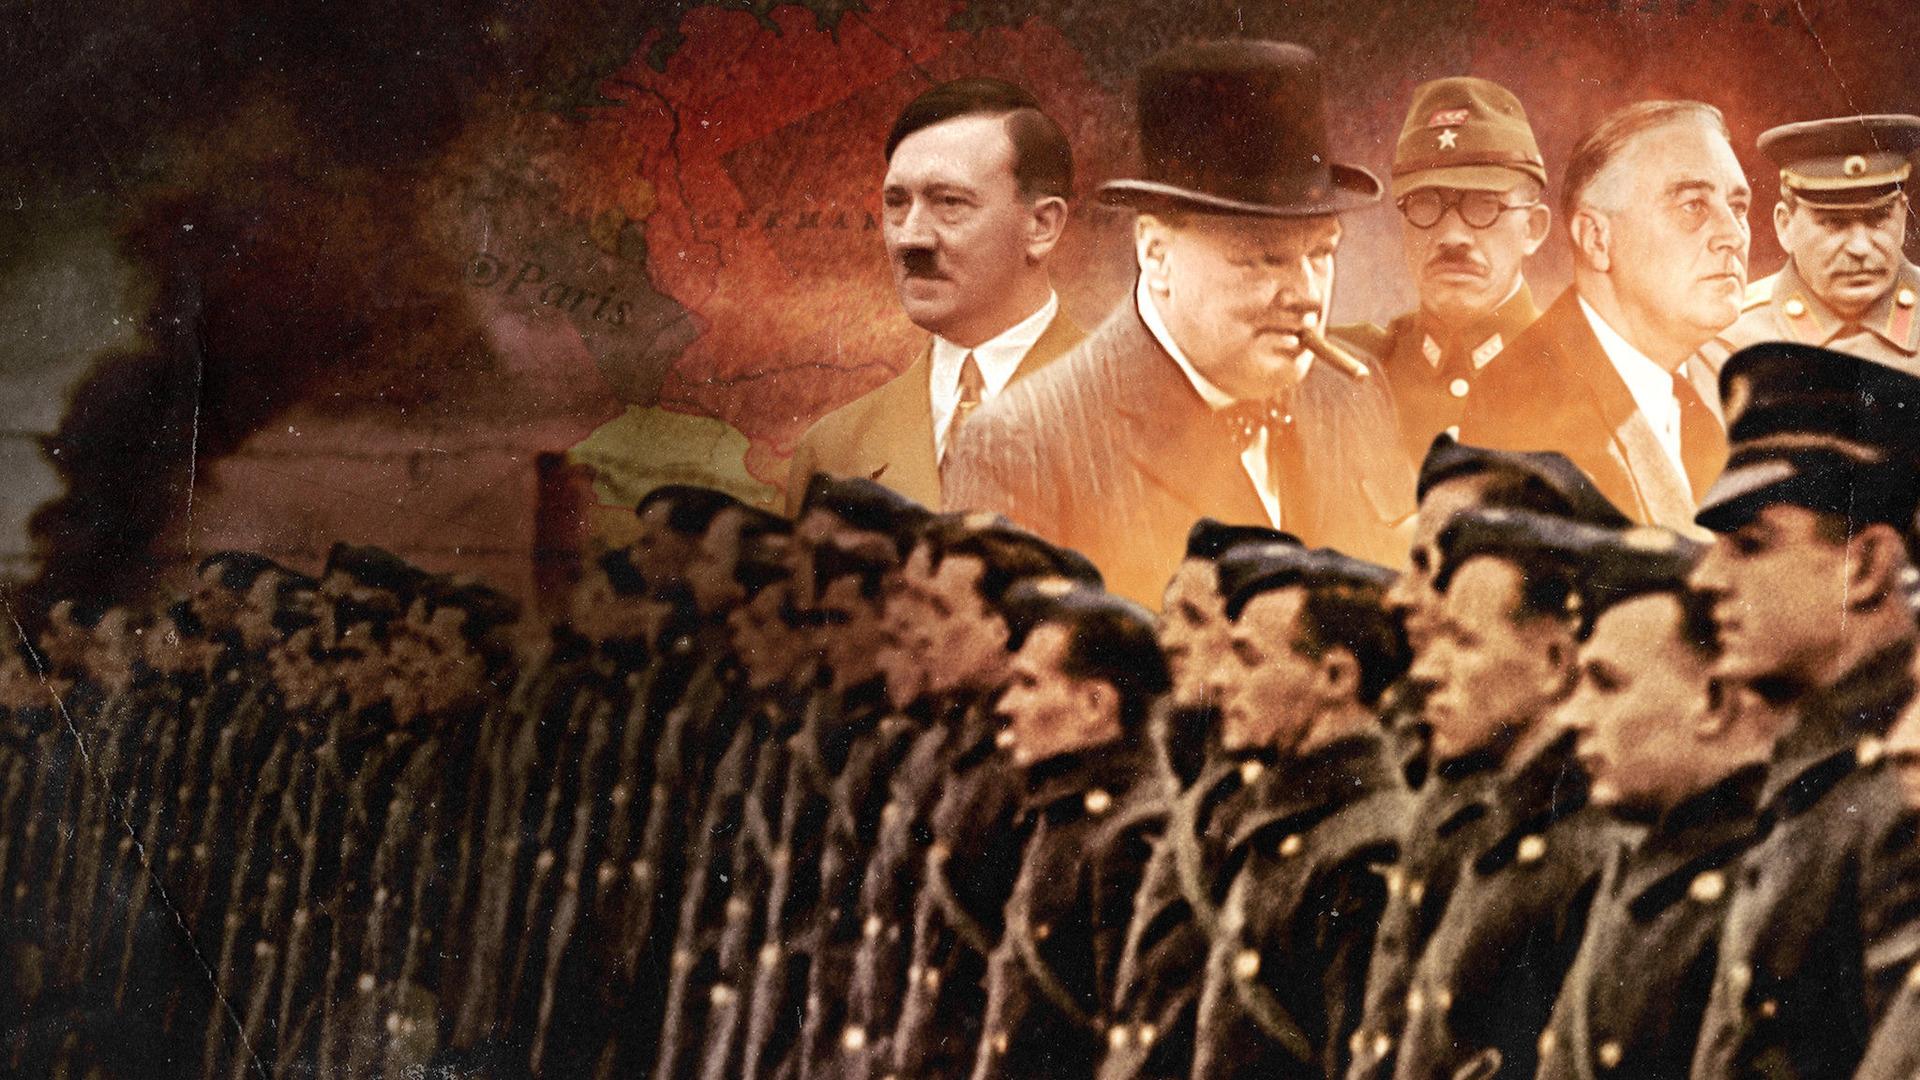 Сериал Величайшие события Второй мировой войны